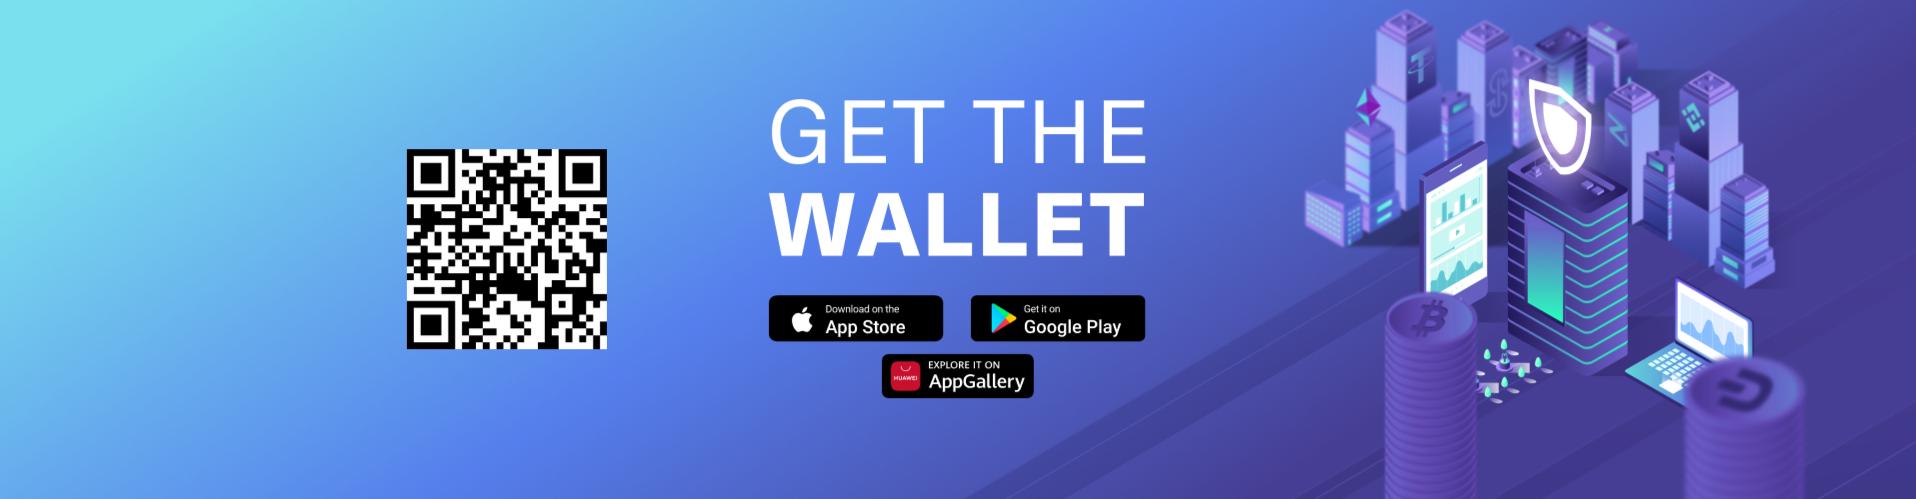 Guarda Wallet Blog